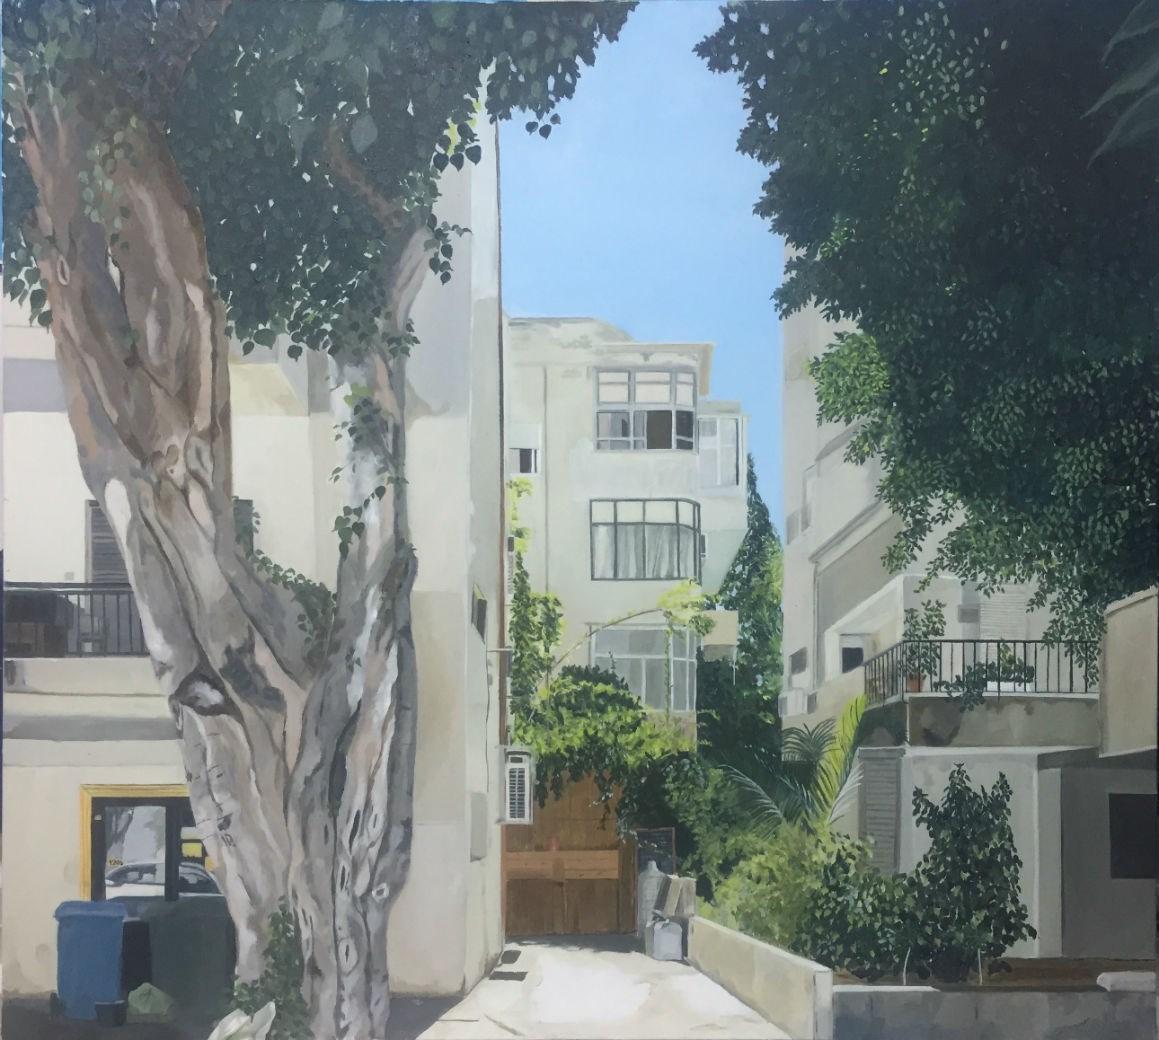 Tel Aviv_ White city II - זהר פלקס